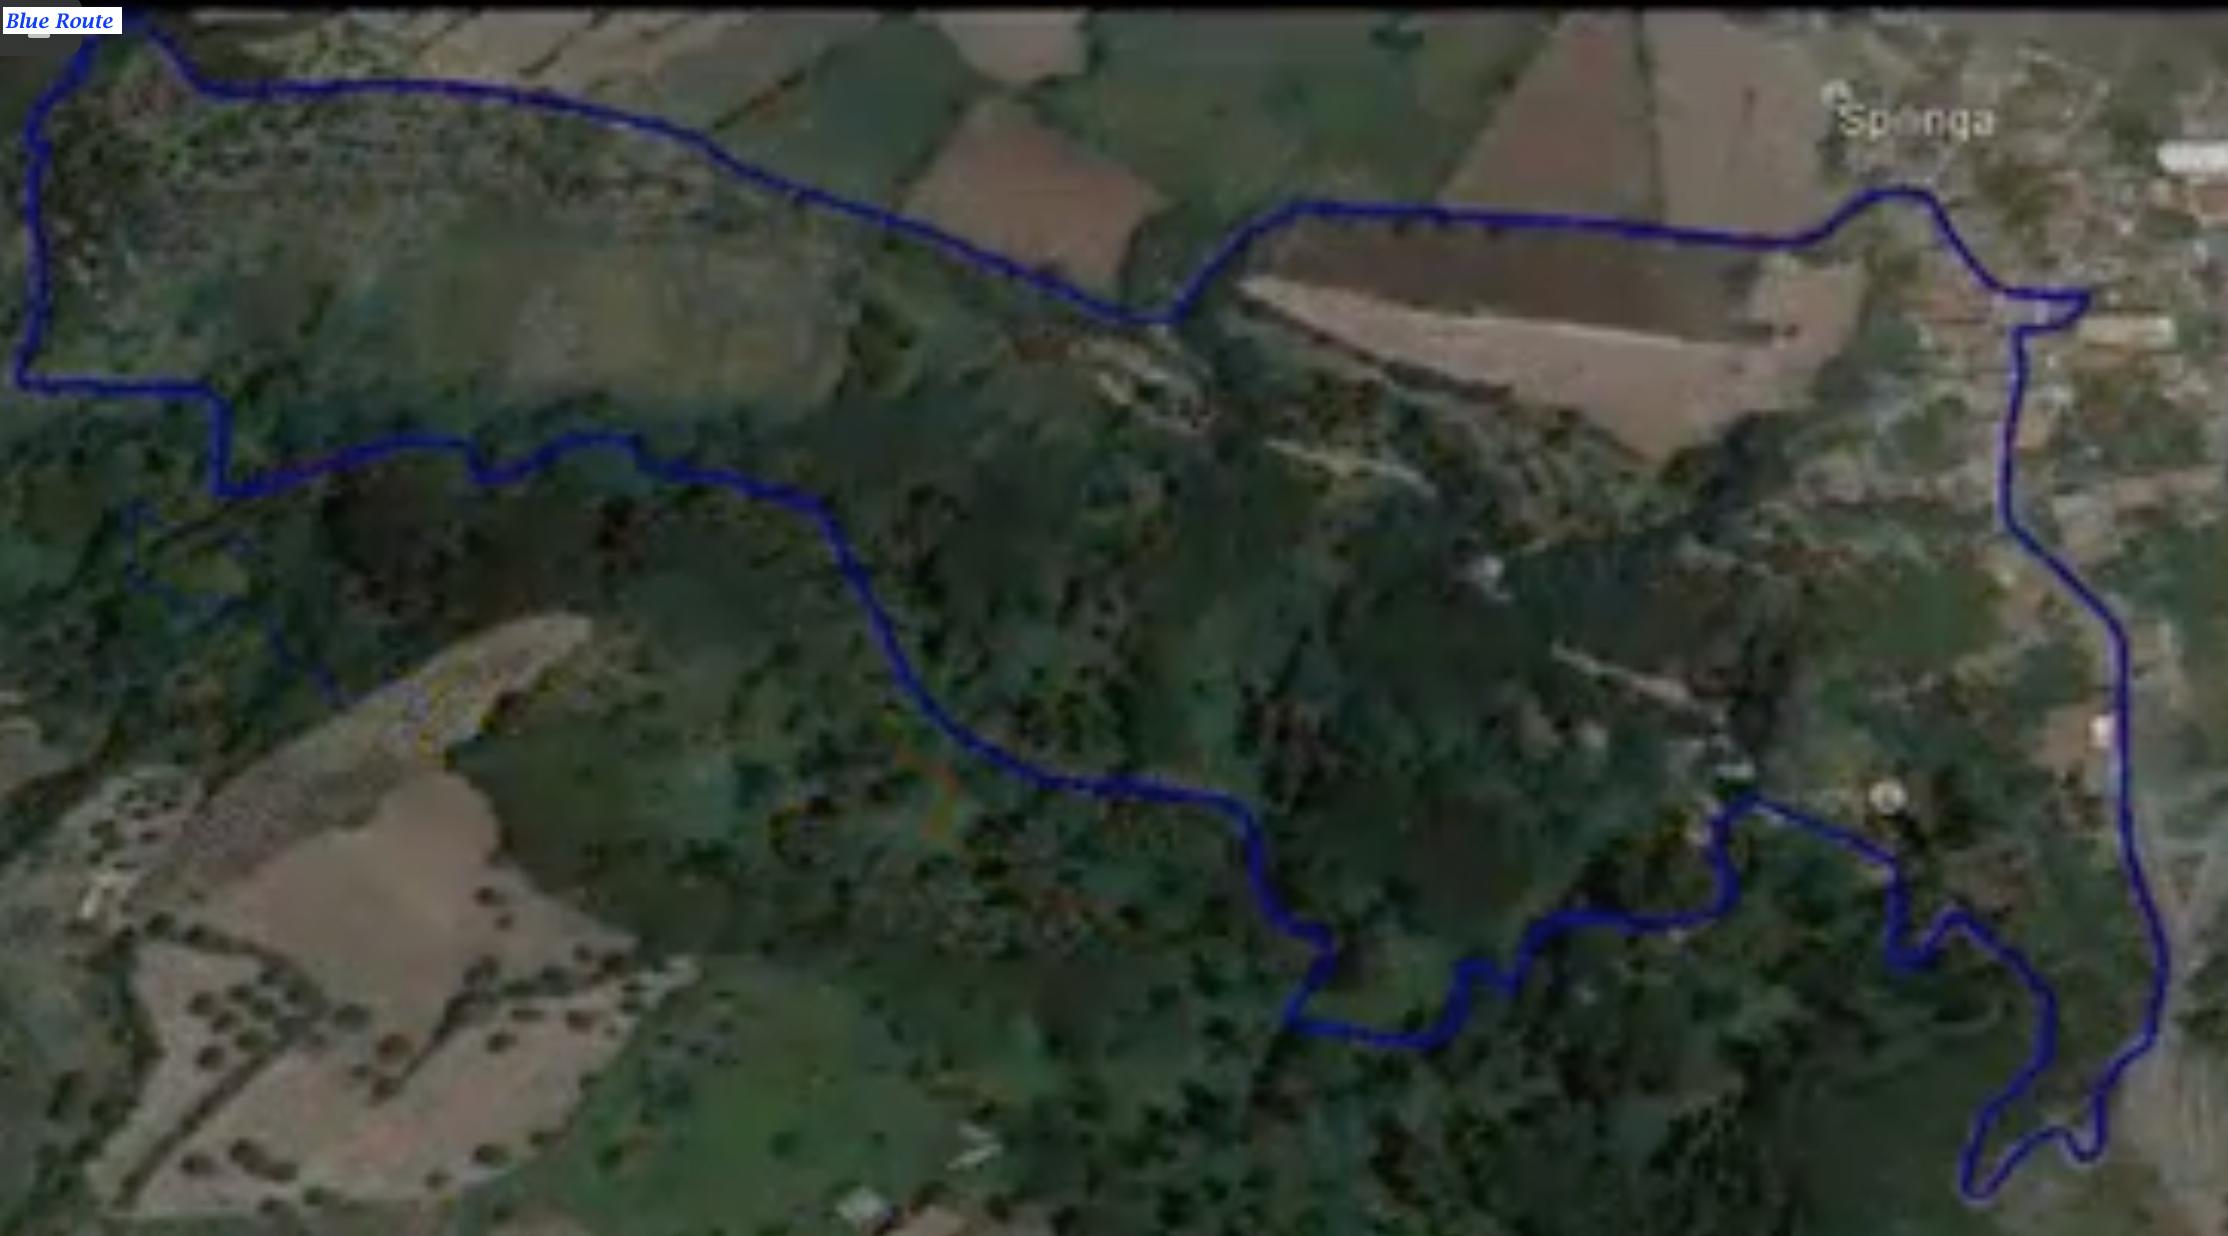 IT Blue Route